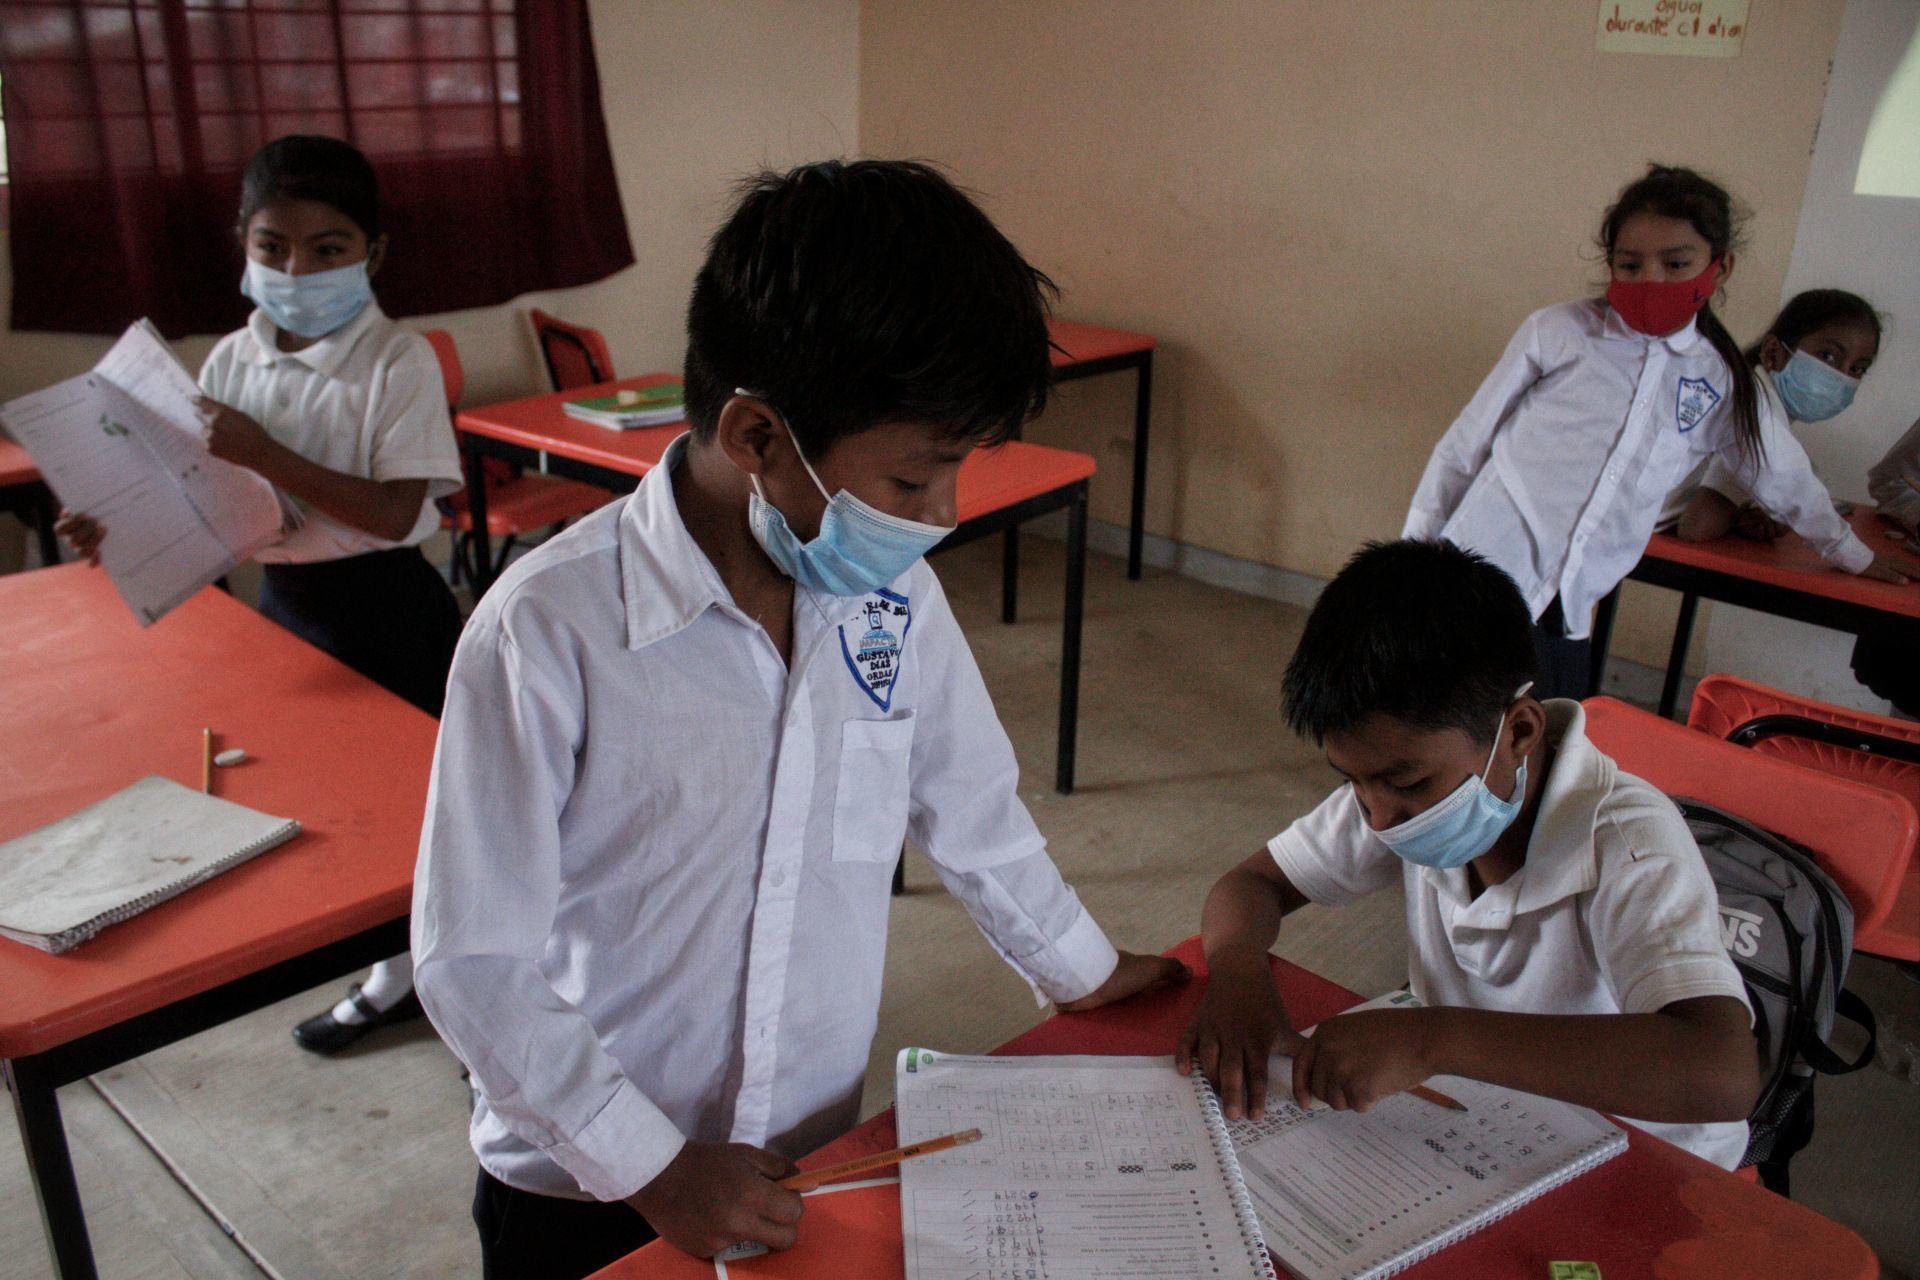 Irreversible, clases presenciales en pico pandémico